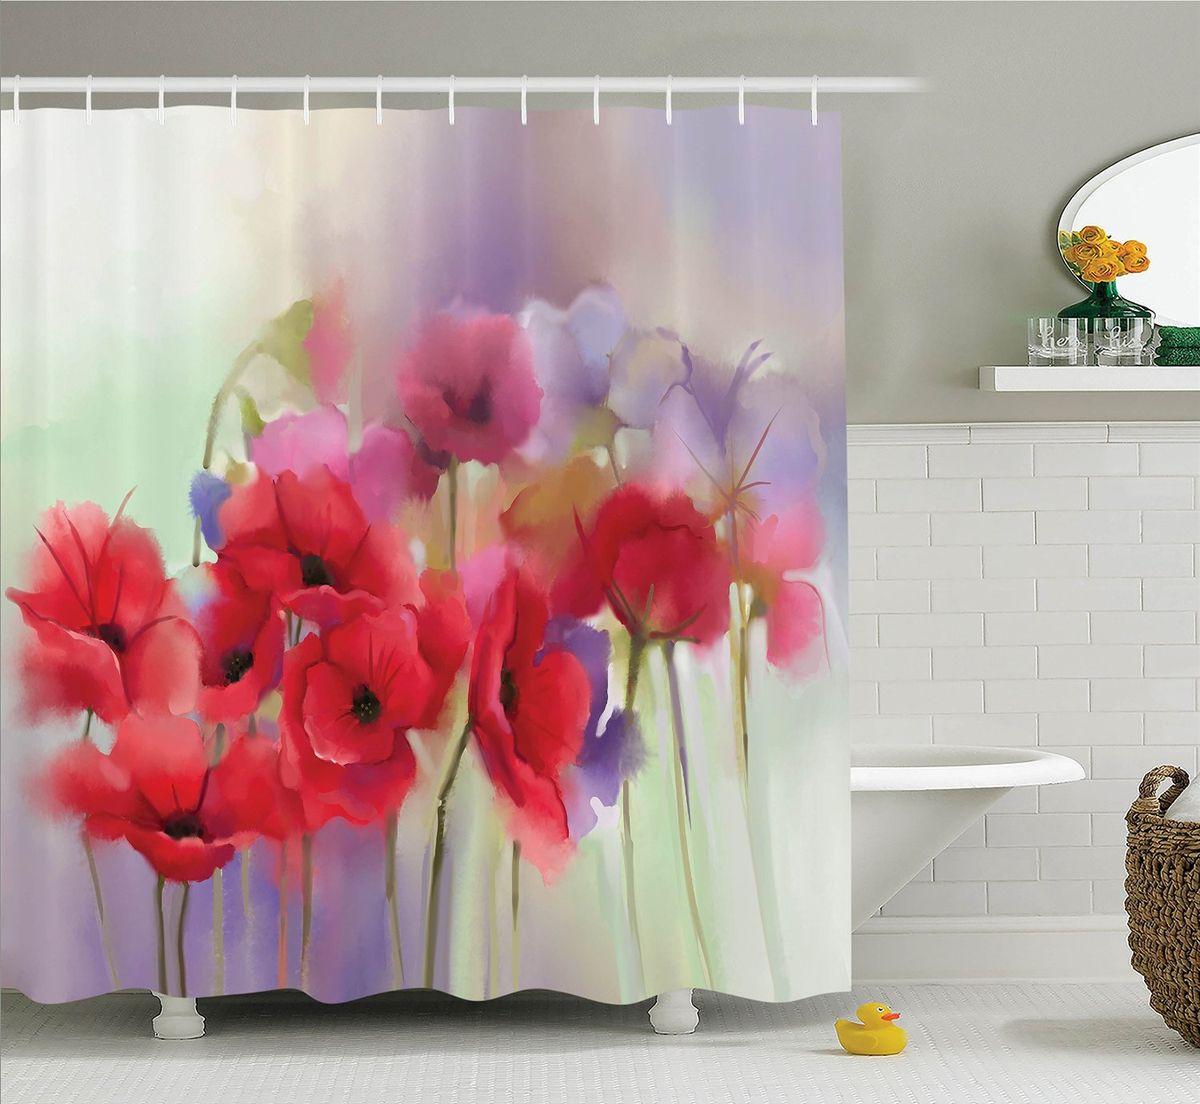 """Штора Magic Lady """"Алые цветы на лиловом фоне"""", изготовленная из высококачественного сатена (полиэстер 100%), отлично дополнит любой интерьер ванной комнаты. При изготовлении используются специальные гипоаллергенные чернила для прямой печати по ткани, безопасные для человека.   В комплекте: 1 штора, 12 крючков. Обращаем ваше внимание, фактический цвет изделия может незначительно отличаться от представленного на фото."""